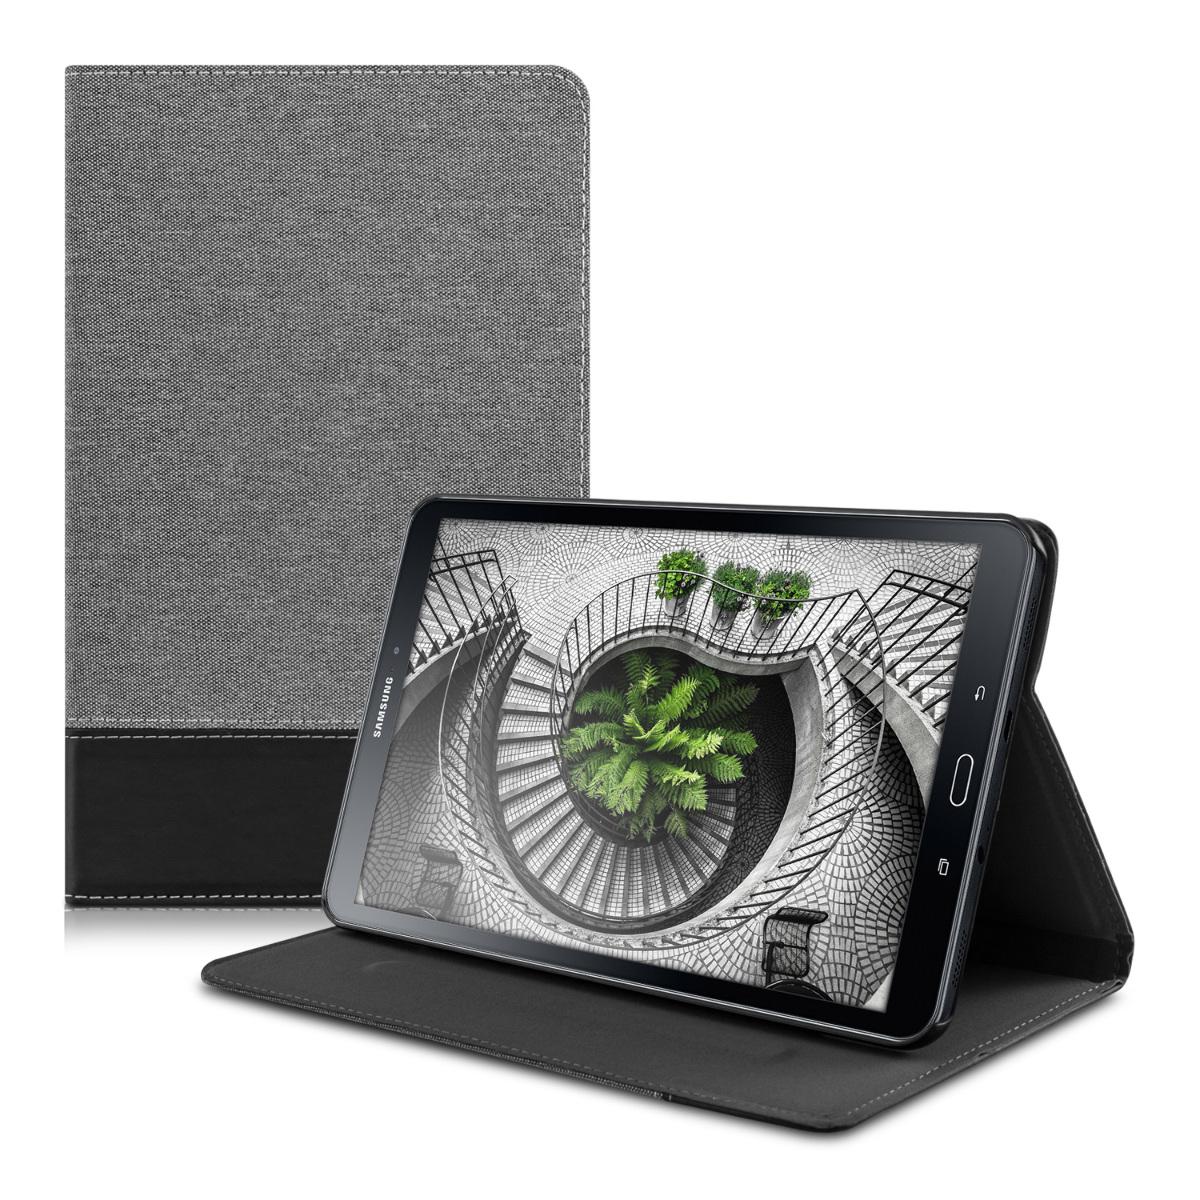 KW Θήκη - Πορτοφόλι Samsung Galaxy Tab A 10.1'' 2016 - Grey / Black (38634.22)